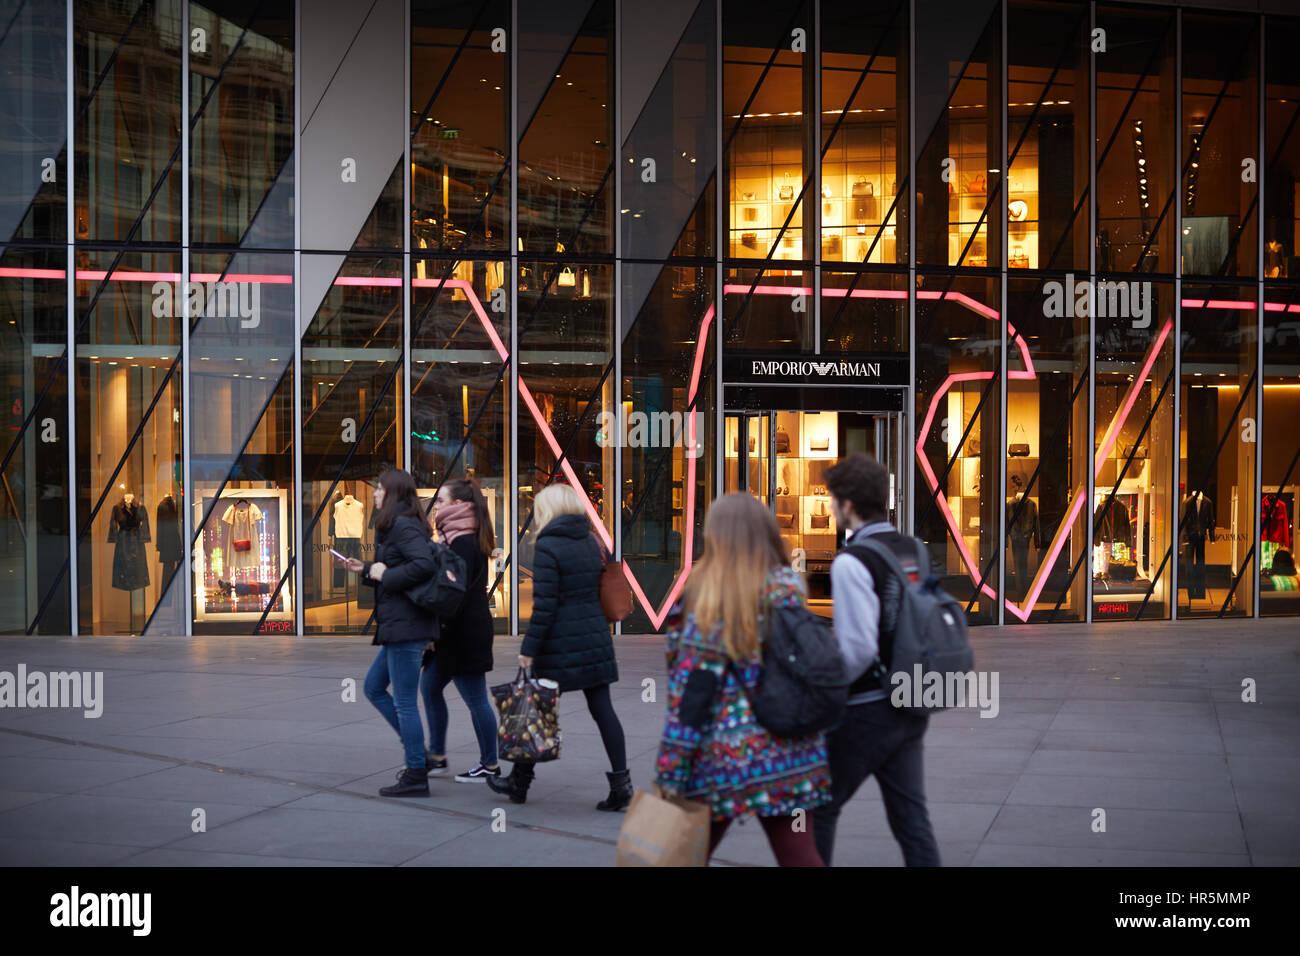 Emporio Armani Tienda De Ropa De Disenador De Moda Italiano Giorgio Armani Casa Fundada En El Numero 1 De La Avenida Spinningfiled Square Manchester Inglaterra Foto Imagen De Stock 134735686 Alamy